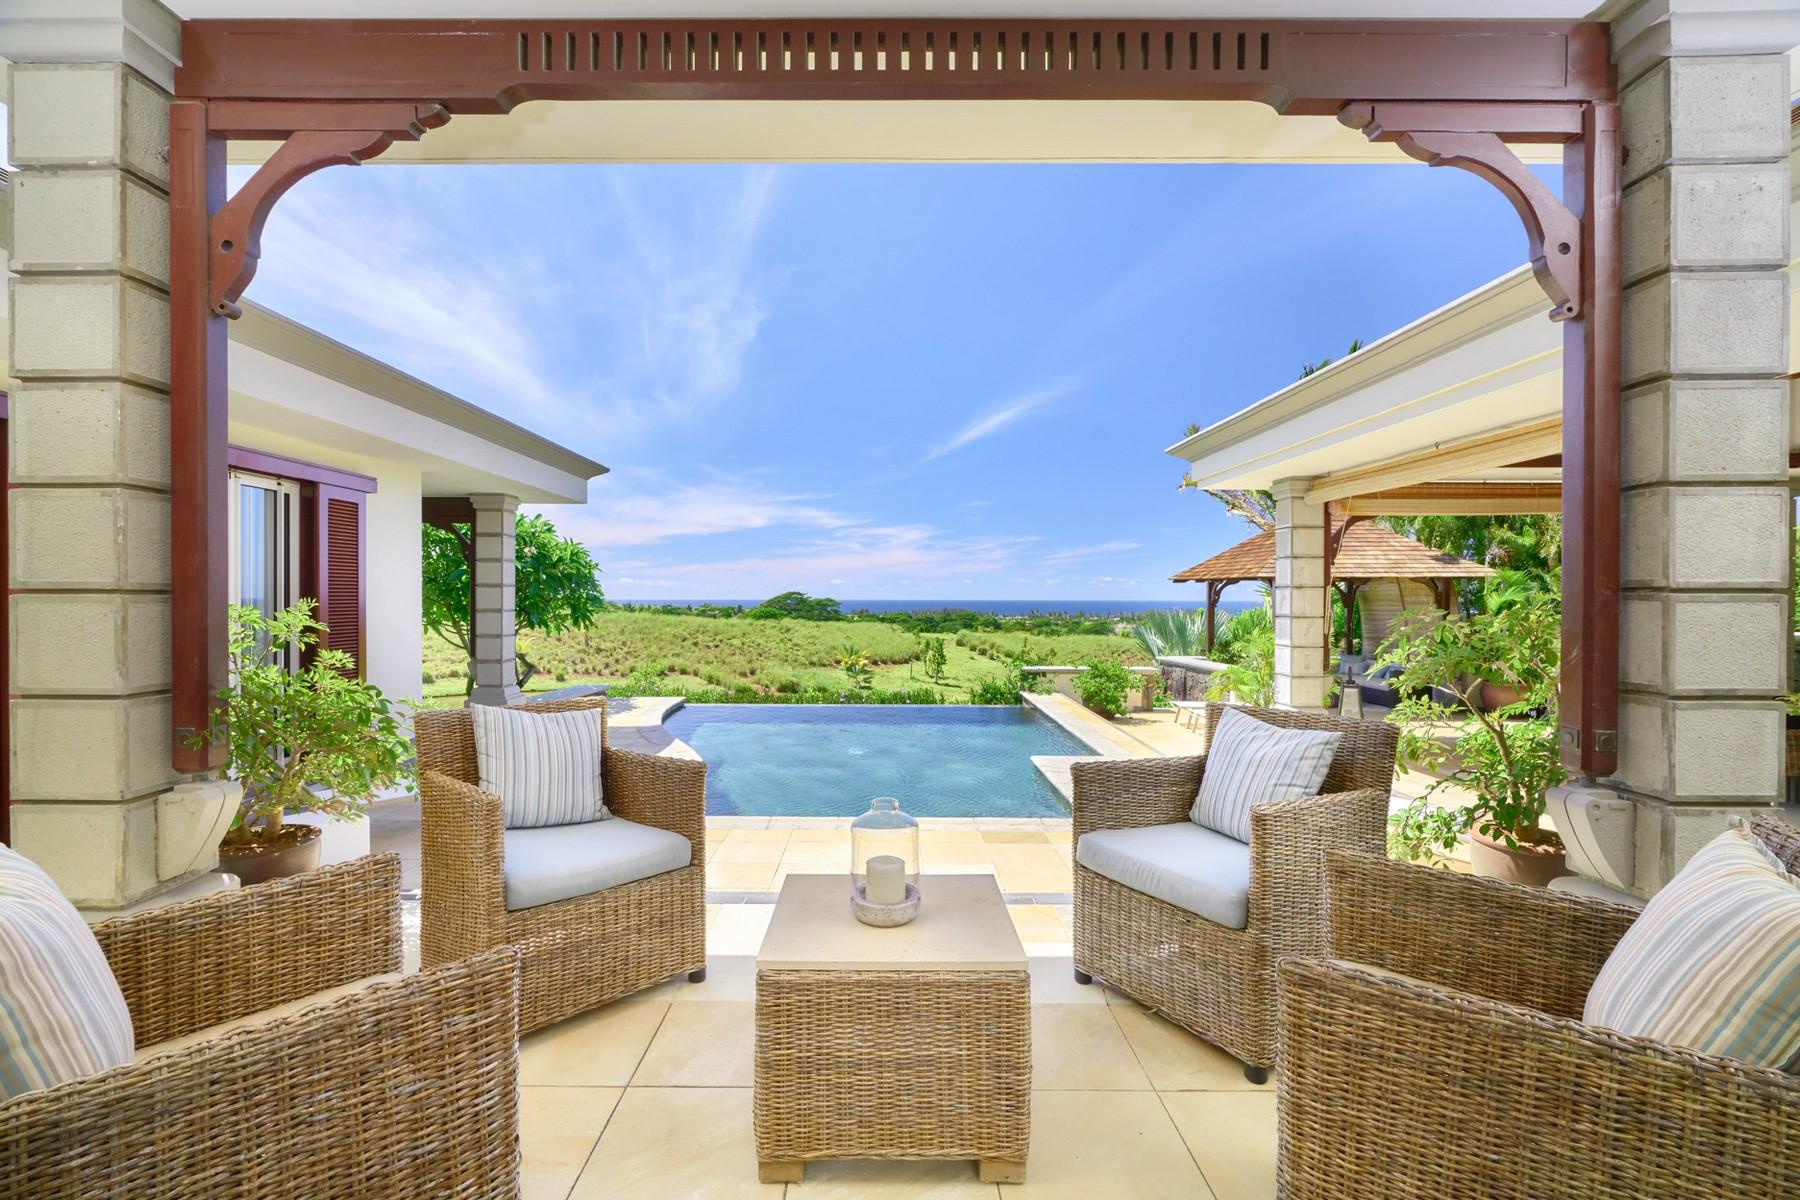 独户住宅 为 销售 在 79, Heritage Villas Valriche 贝尔欧布莱, 萨瓦纳, 毛里求斯